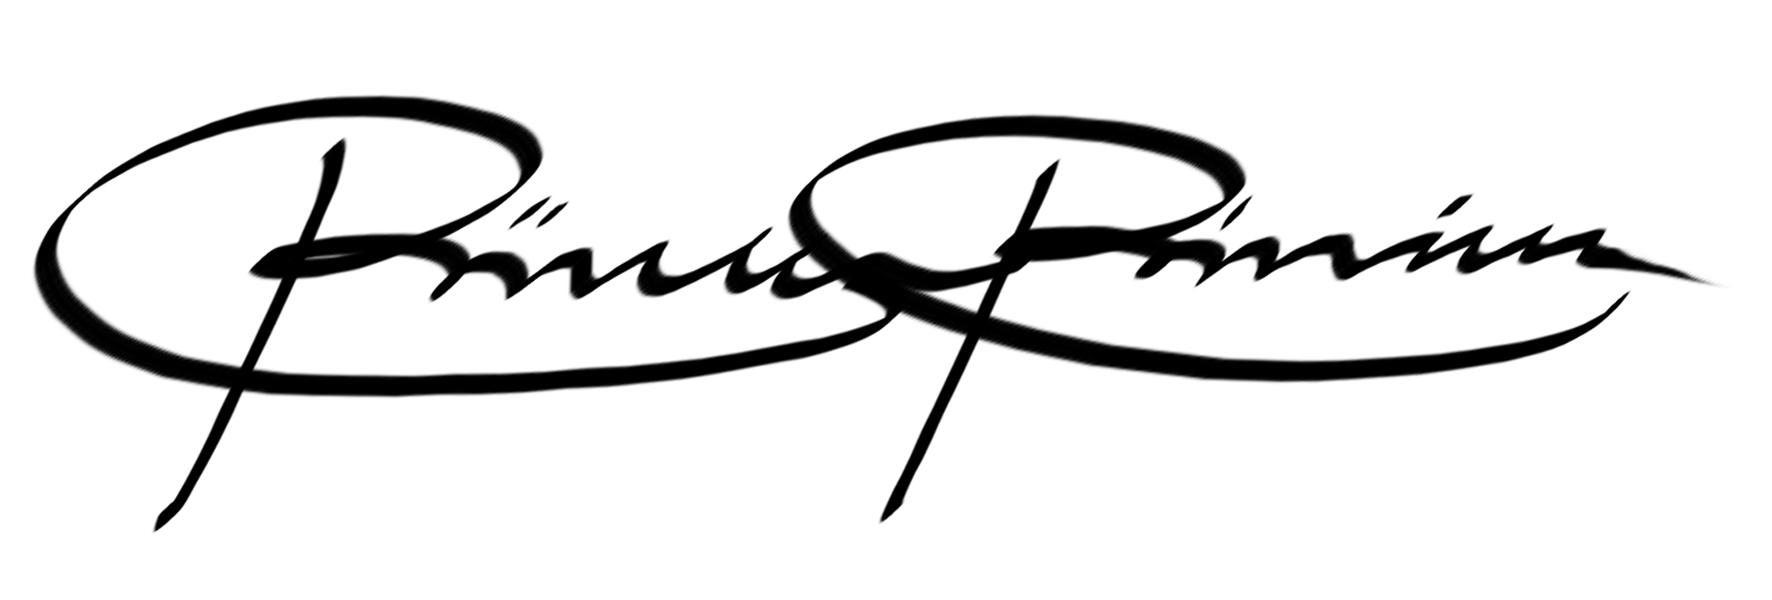 Riikka Sofia Riekkinen's Signature